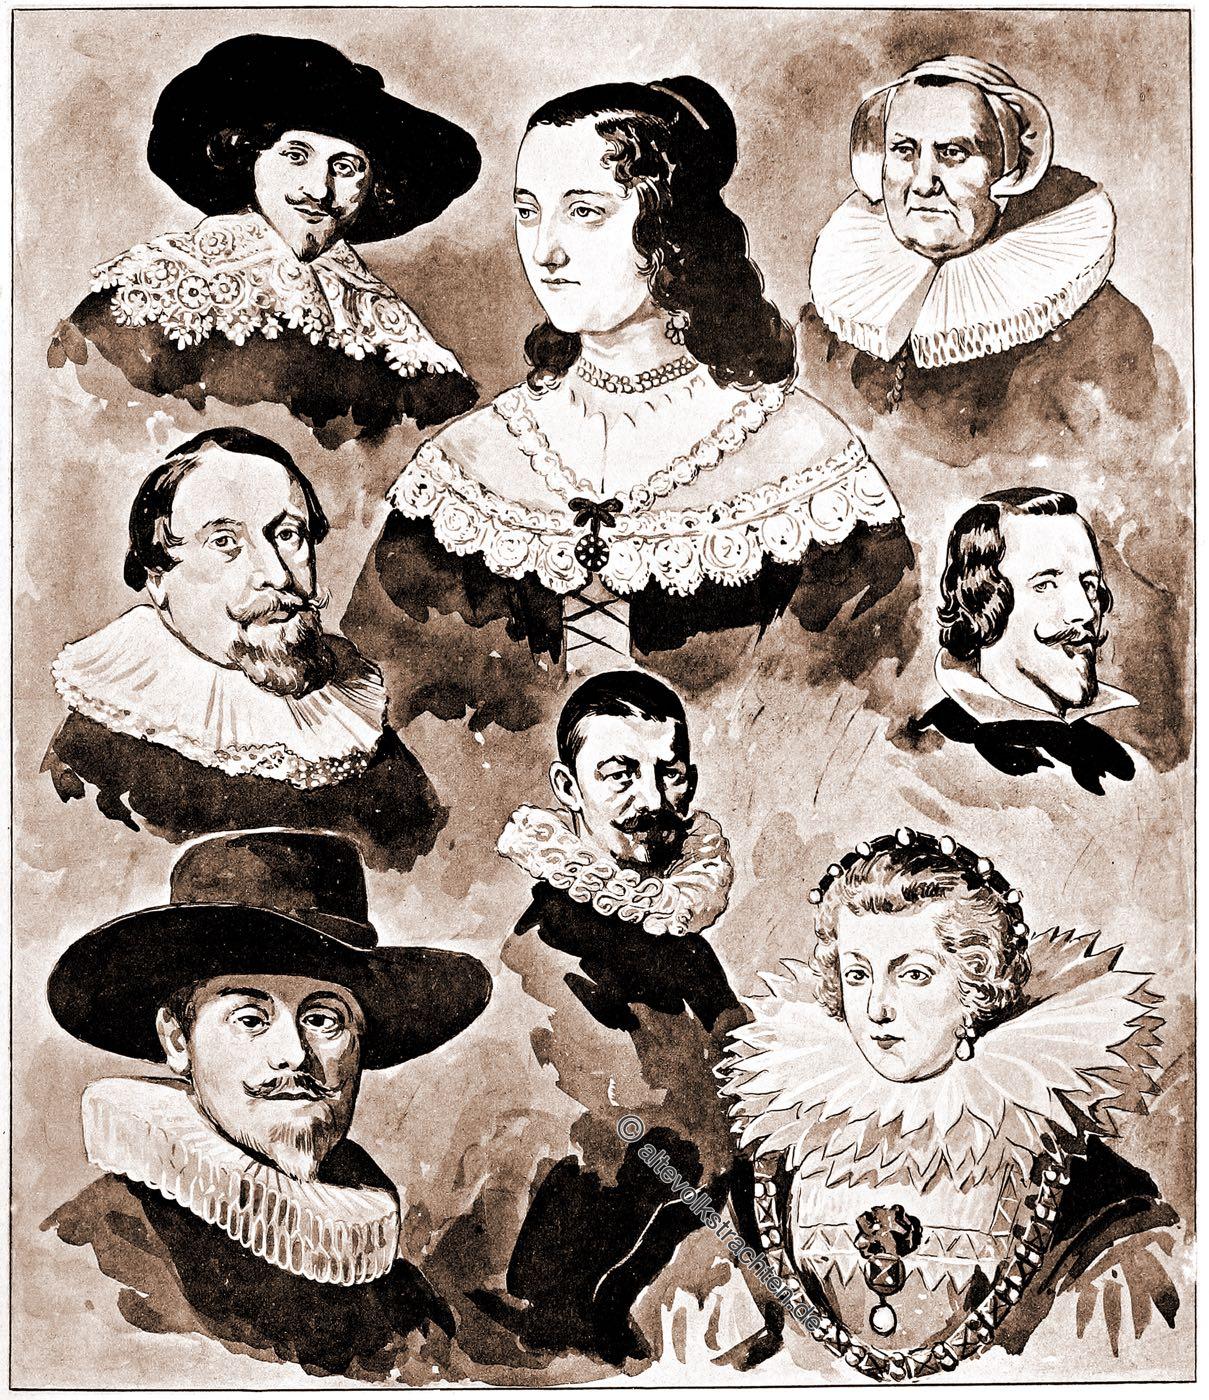 Barck, Mode, Kostümgeschichte, Halskrausen, Mühlsteinkragen, Tellerkrause, Kröse, Duttenkragen, Fraise,